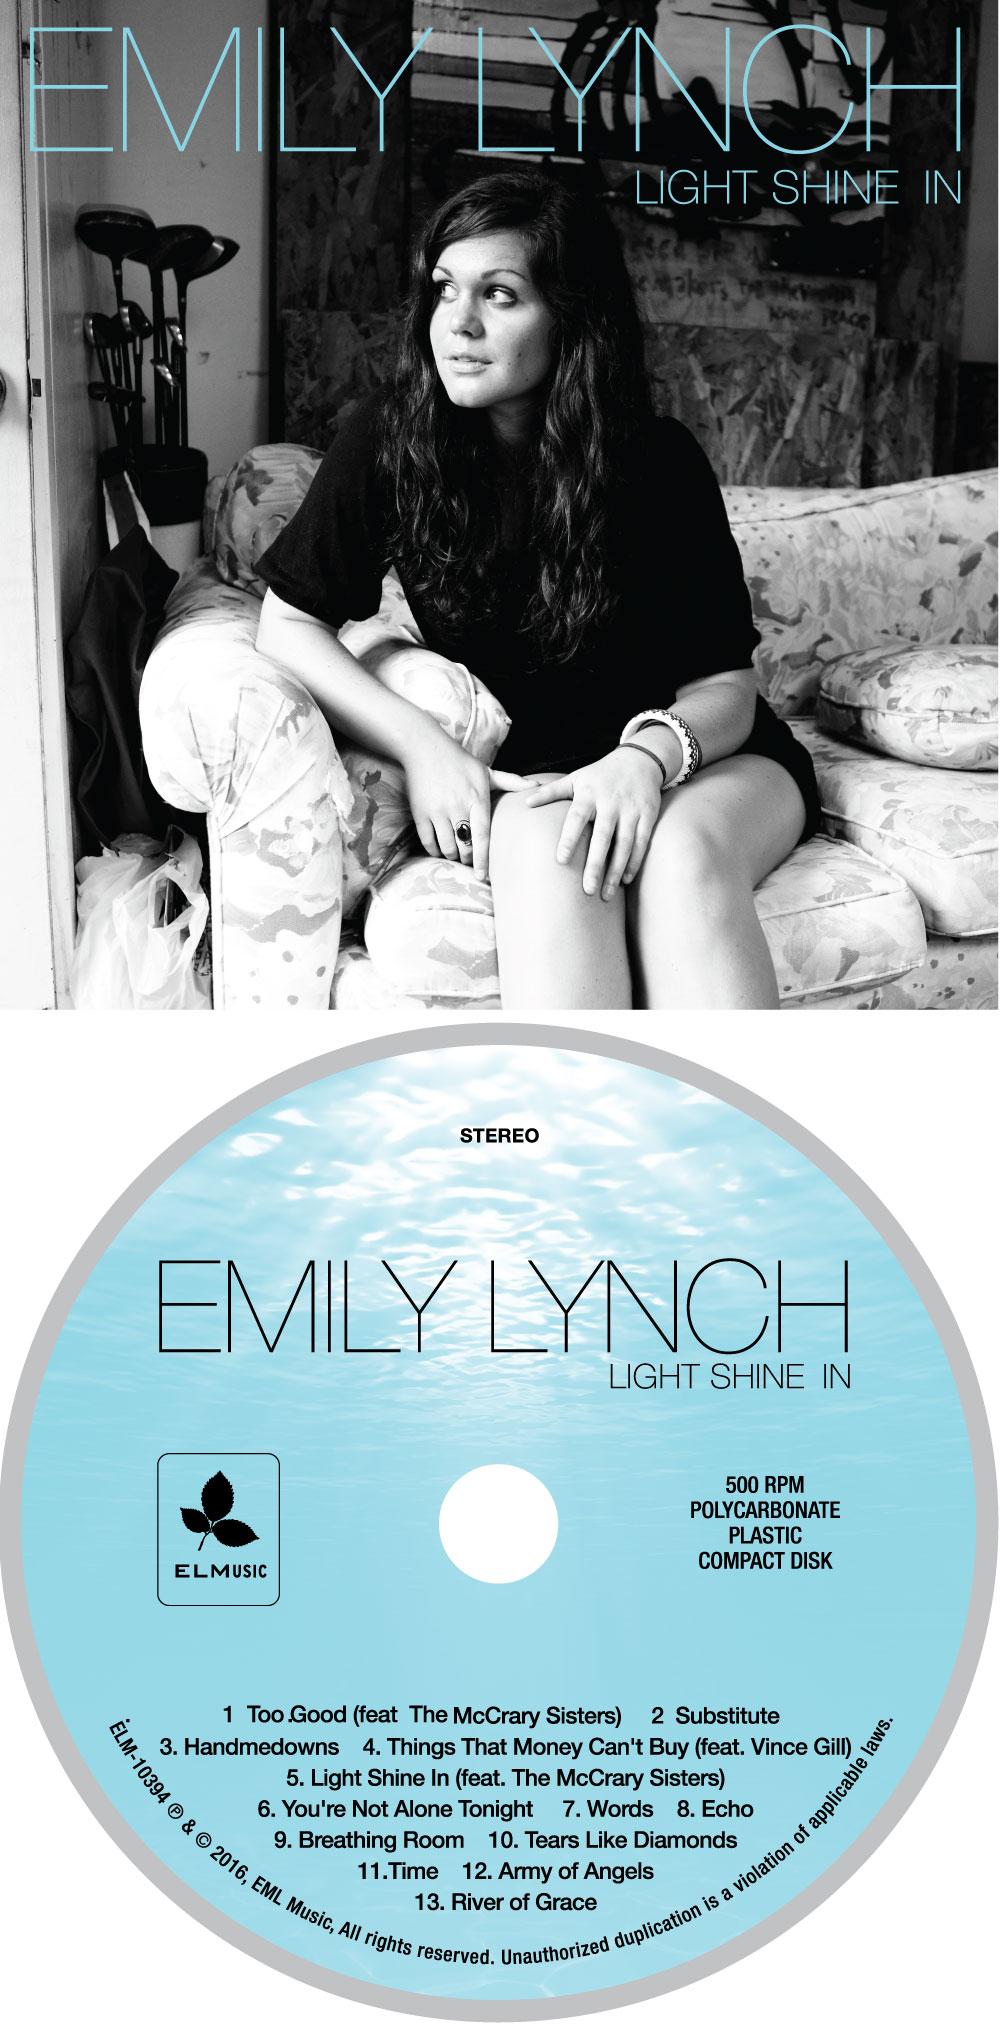 EmilyLynch_album_1.1